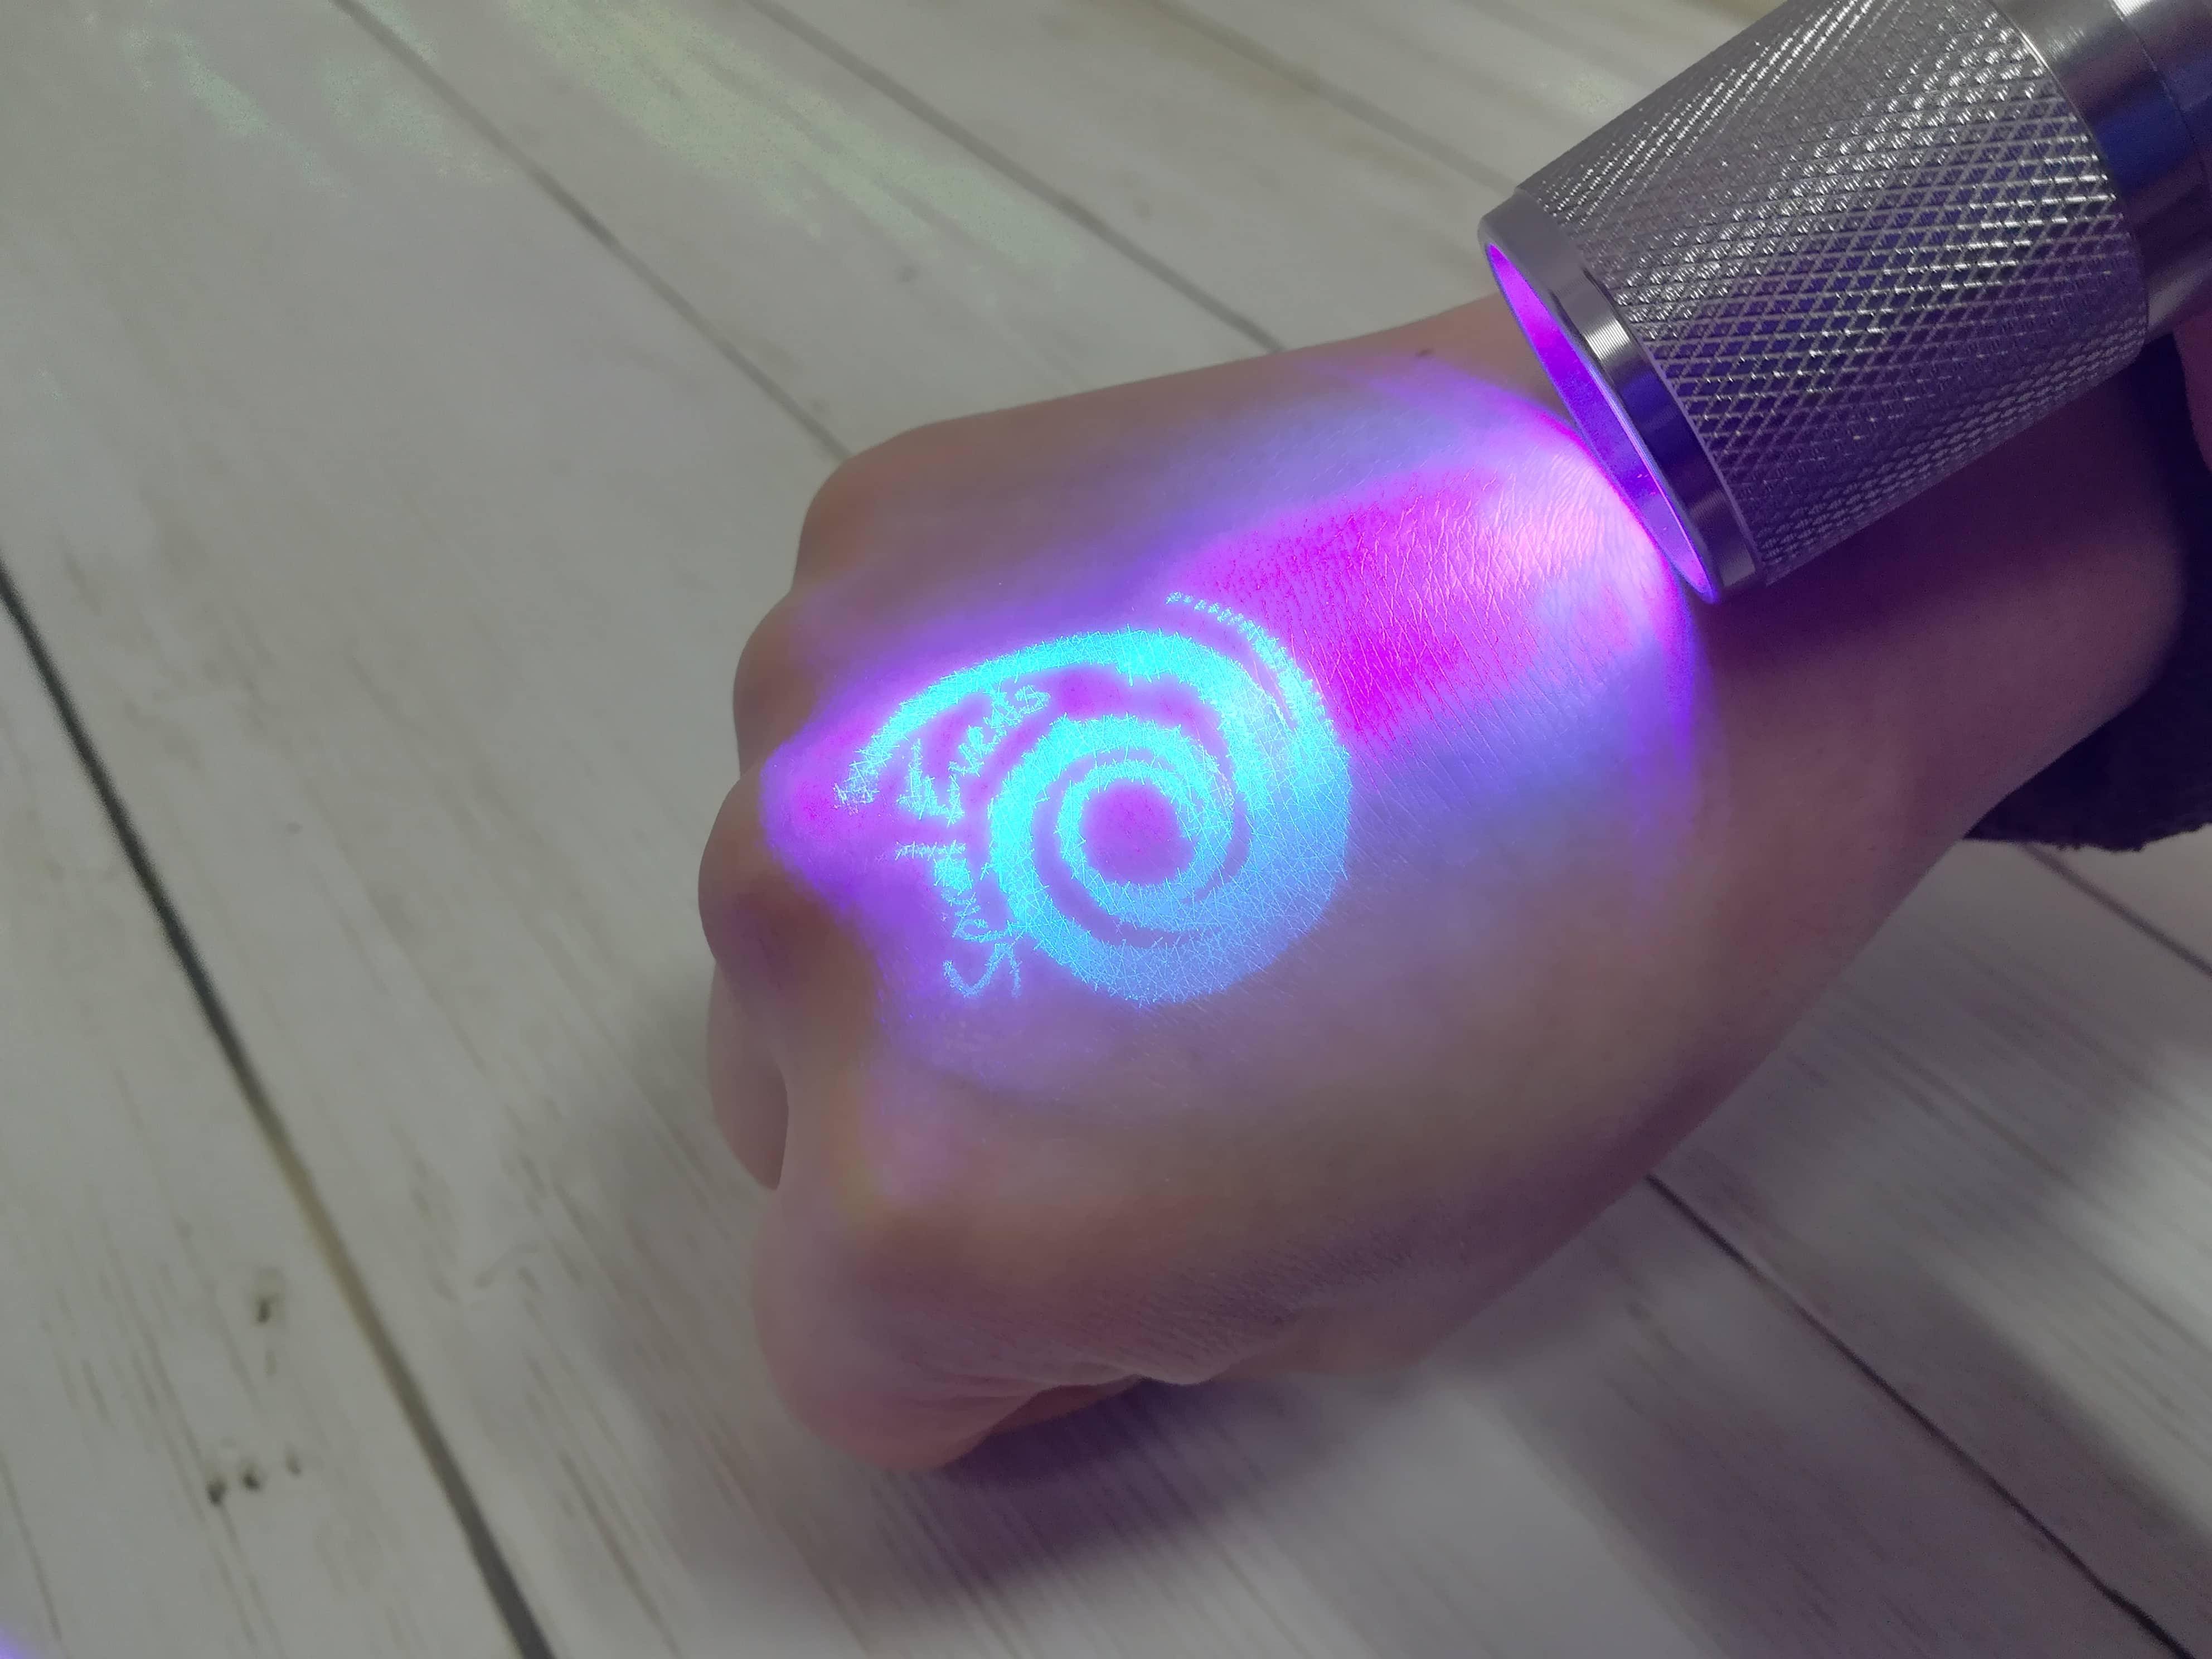 Sellos personalizados ultravioleta para manos